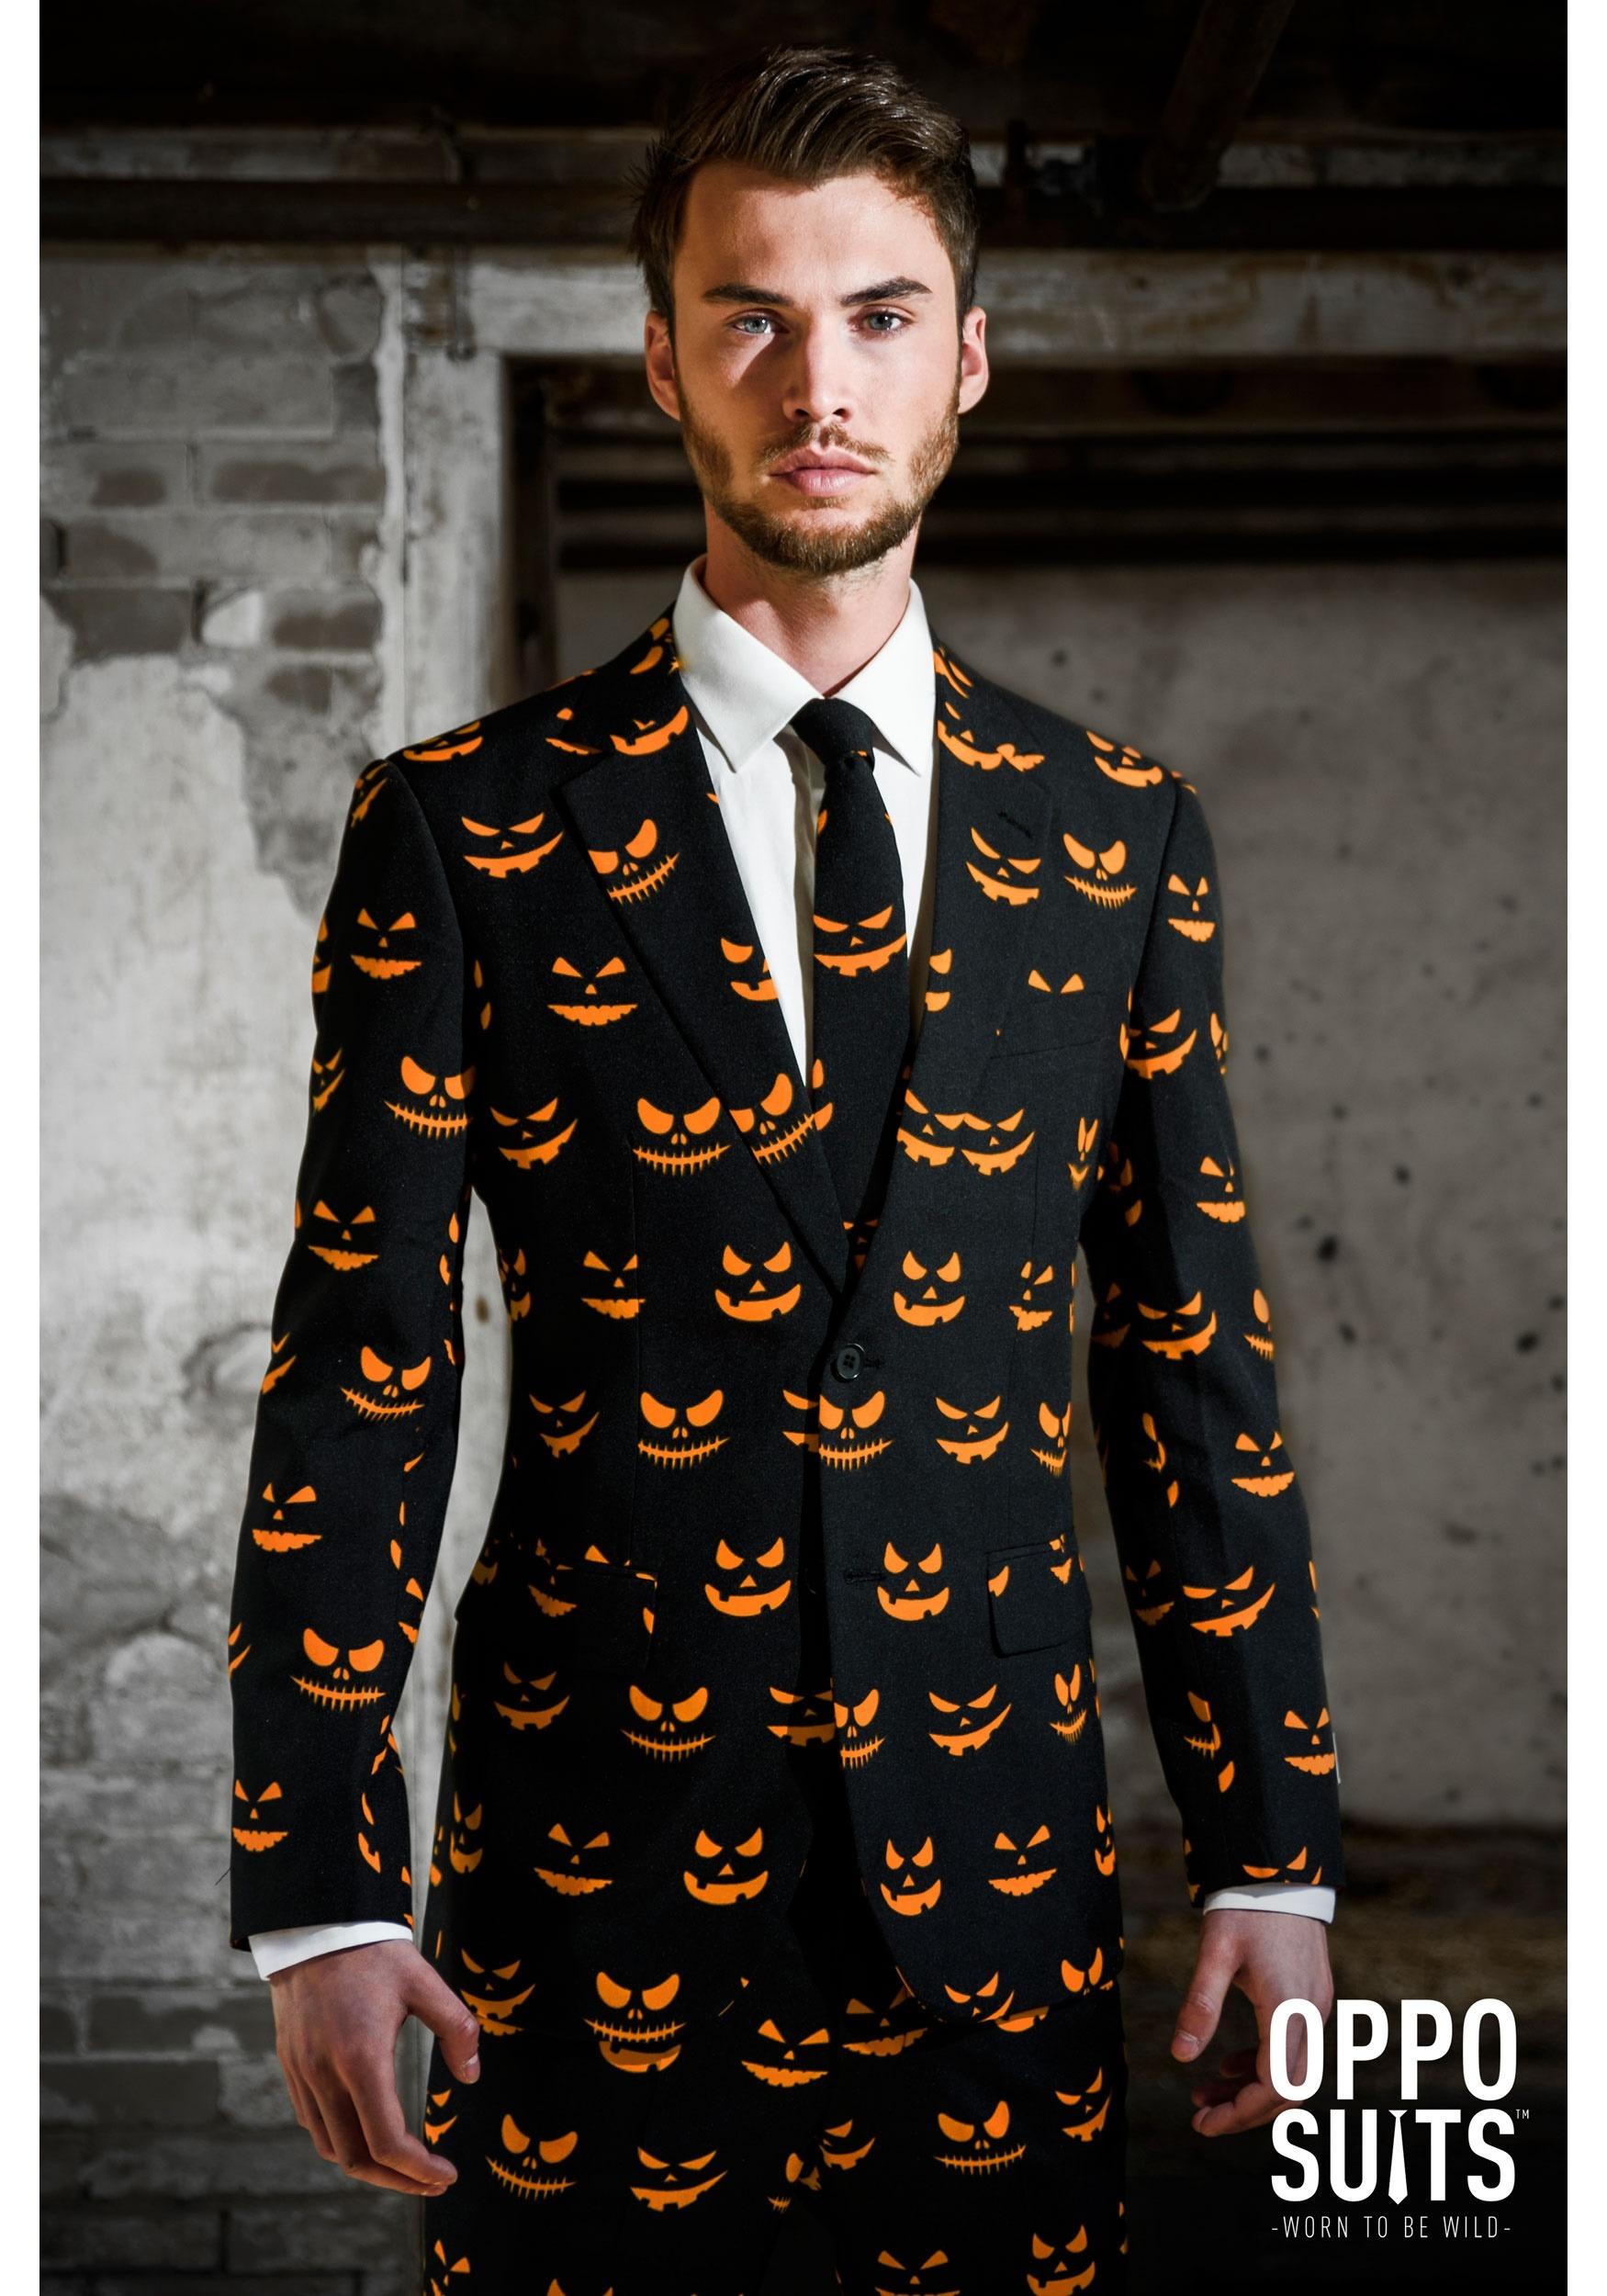 OppoSuits Men's Pumpkin Costume Suit